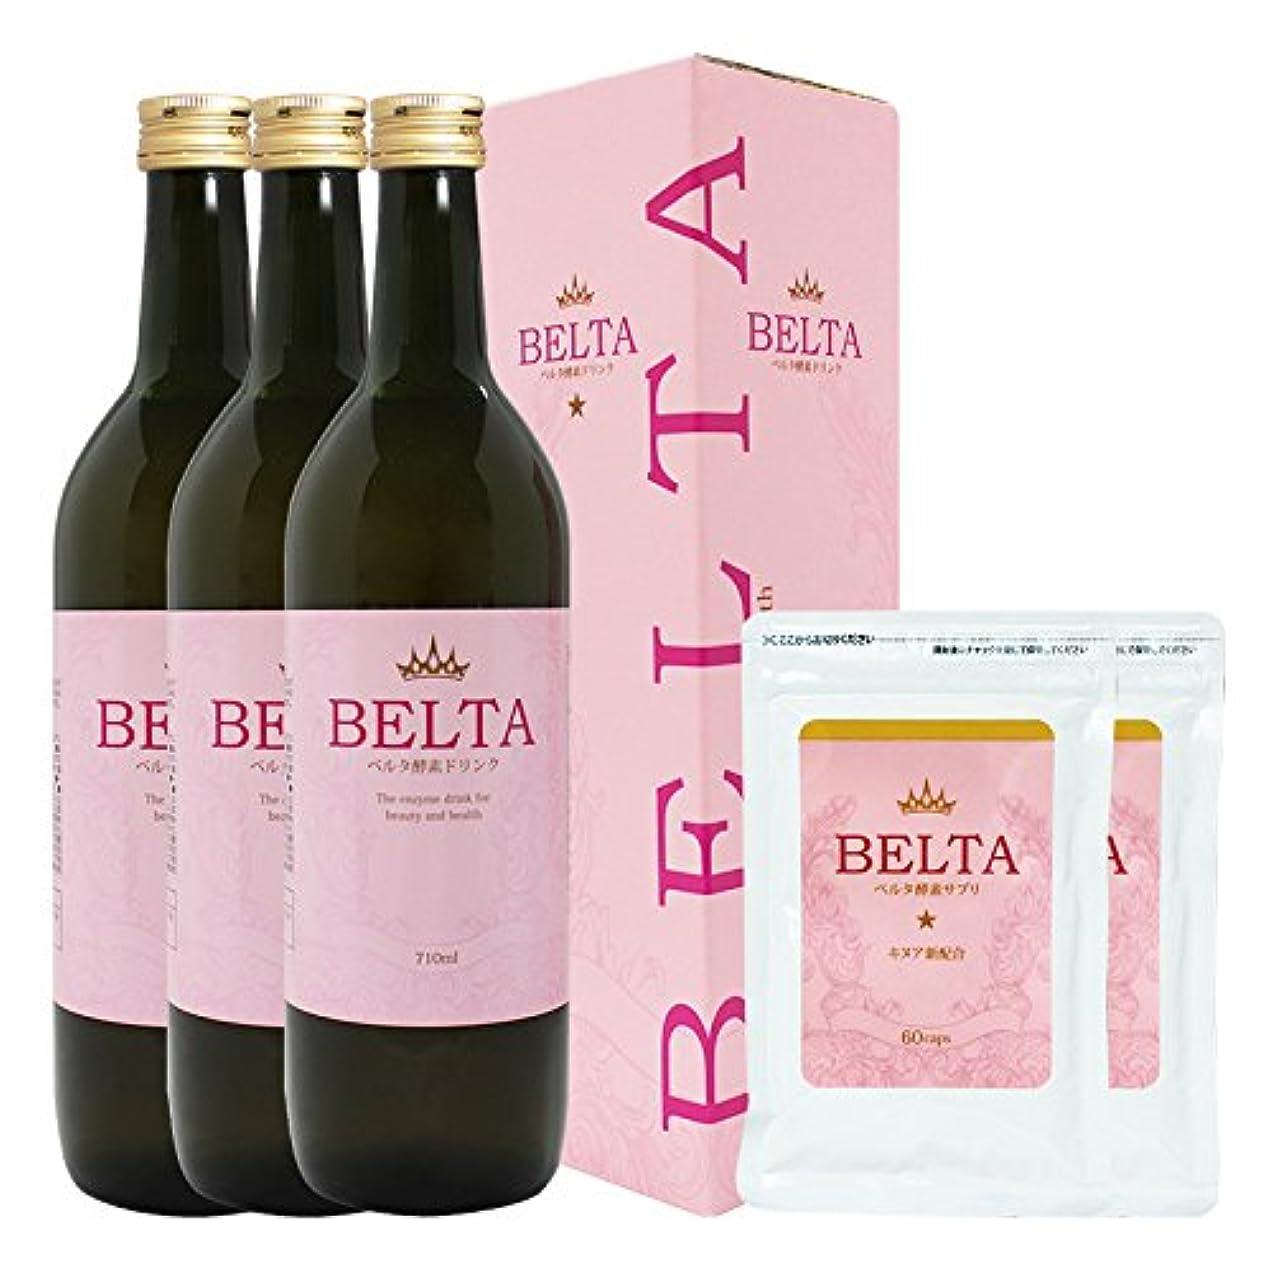 不平を言う告発暴力BELTA ベルタ酵素ドリンク 即ダイエットパック(ベルタ酵素ドリンク (710ml) 3本 ベルタ酵素サプリメント(60粒) 2袋) 置き換え ダイエット ファスティング 断食 すっきり飲みやすいピーチ味